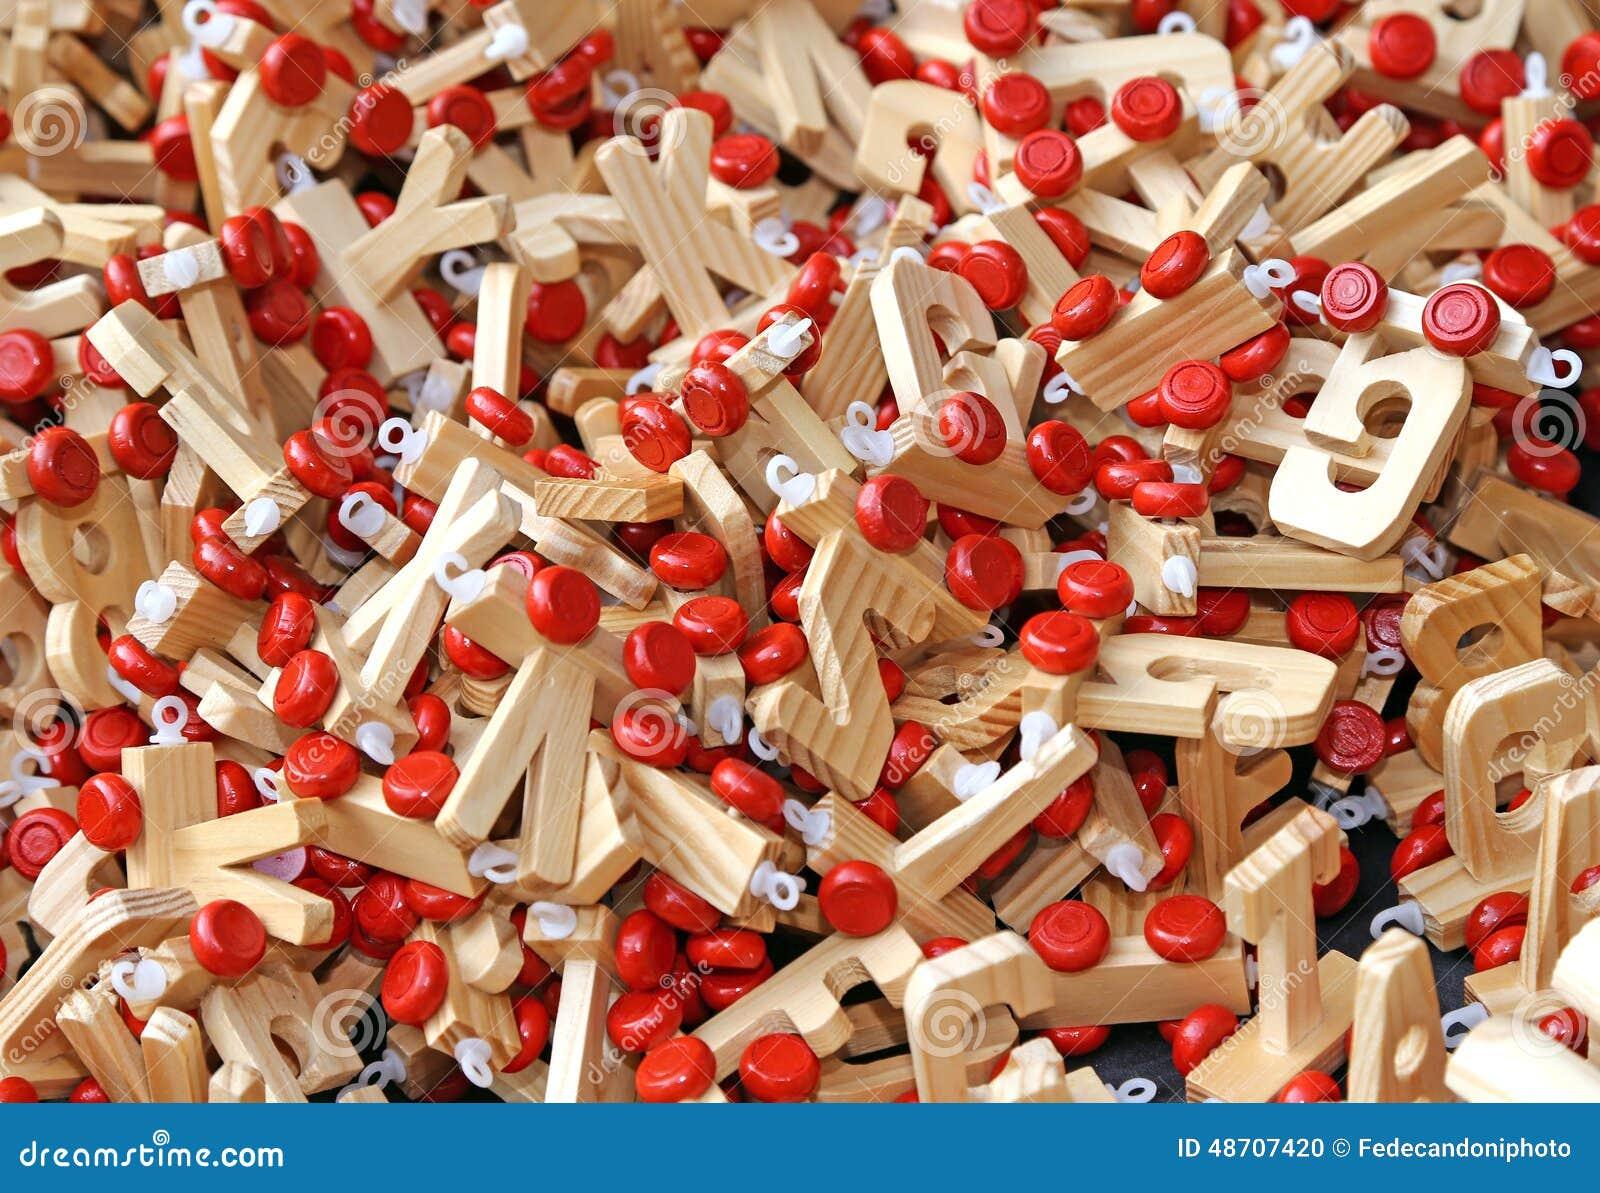 buchstaben im holz mit den roten r dern zum von w rtern und von namen aus chi zu verfassen. Black Bedroom Furniture Sets. Home Design Ideas